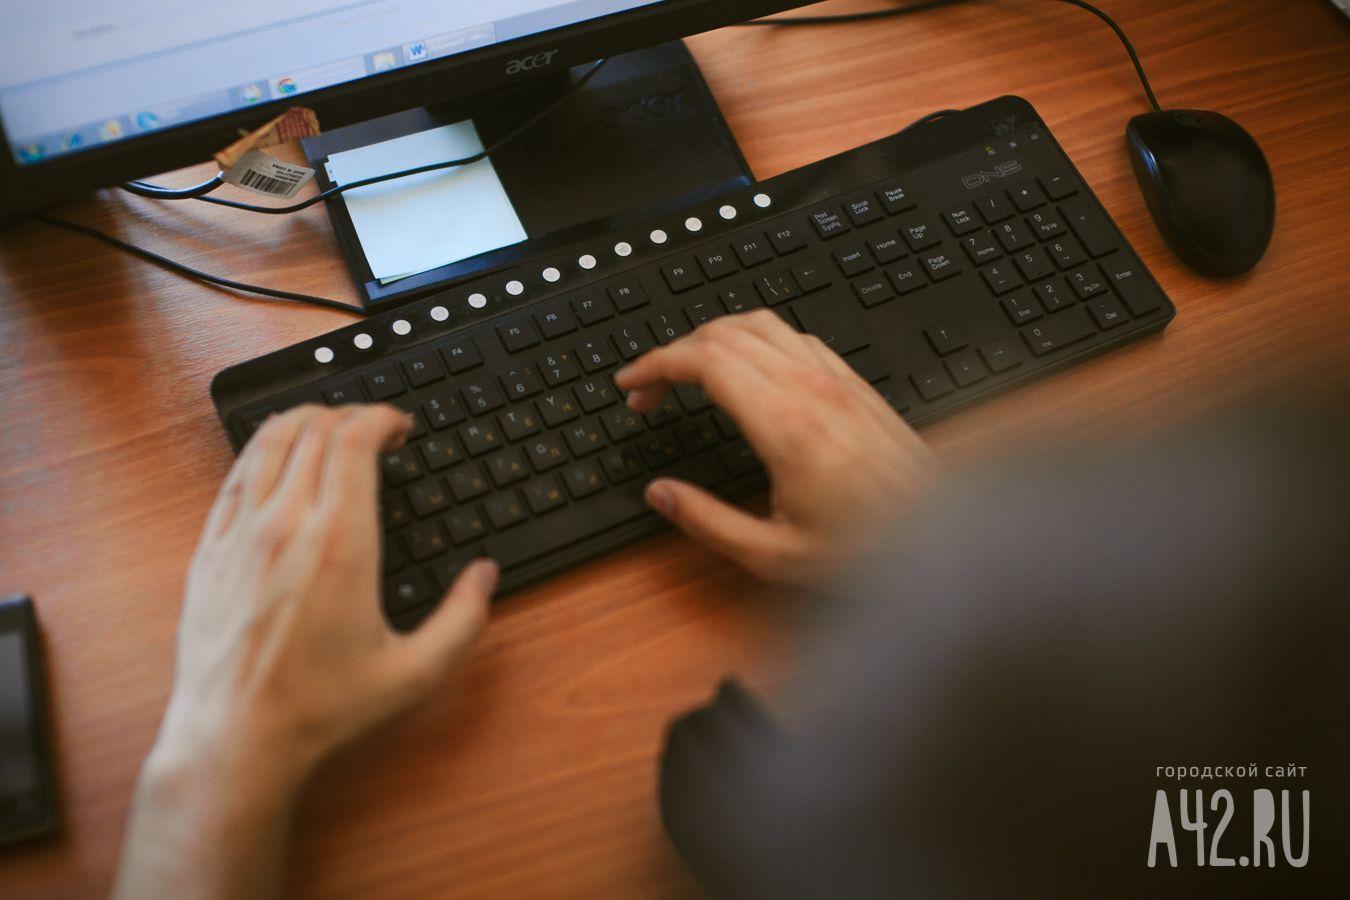 Минкомсвязь призывает взрослых идетей оставлять менее информации осебе в социальных сетях